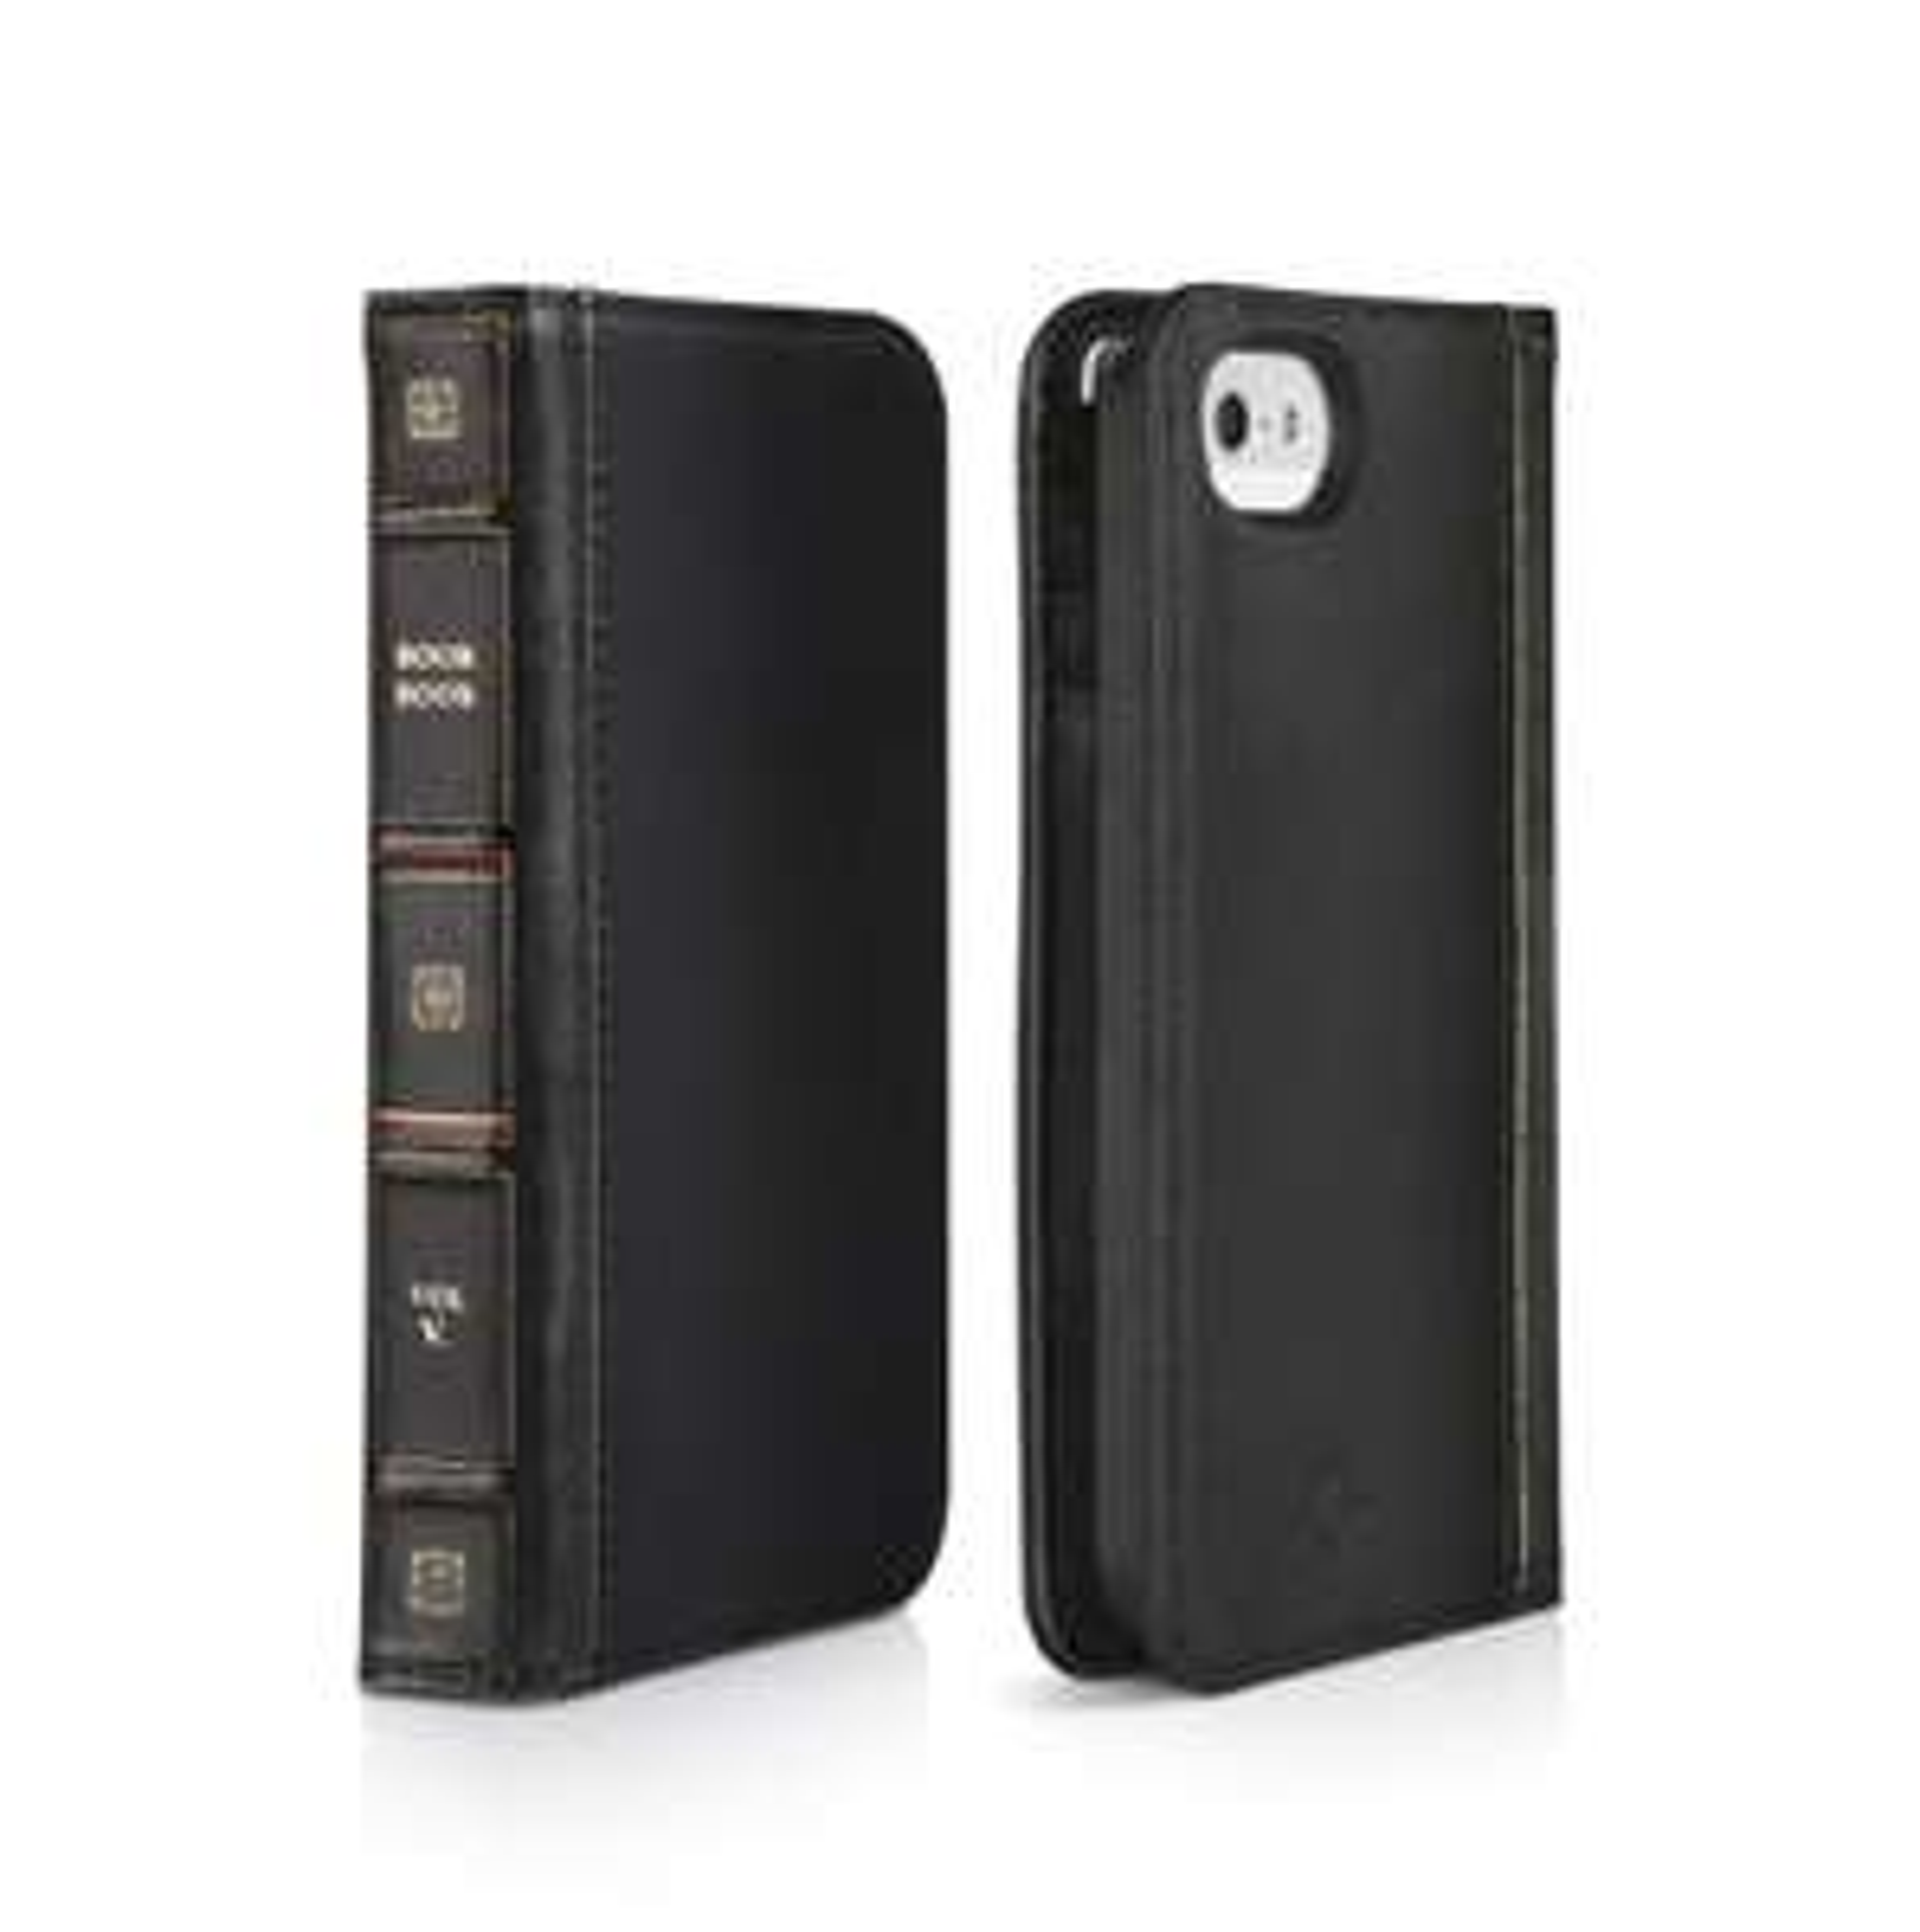 Etui portefeuille en cuir noir BookBook pour iPhone 5/5S/SE (Taxes et port compris)